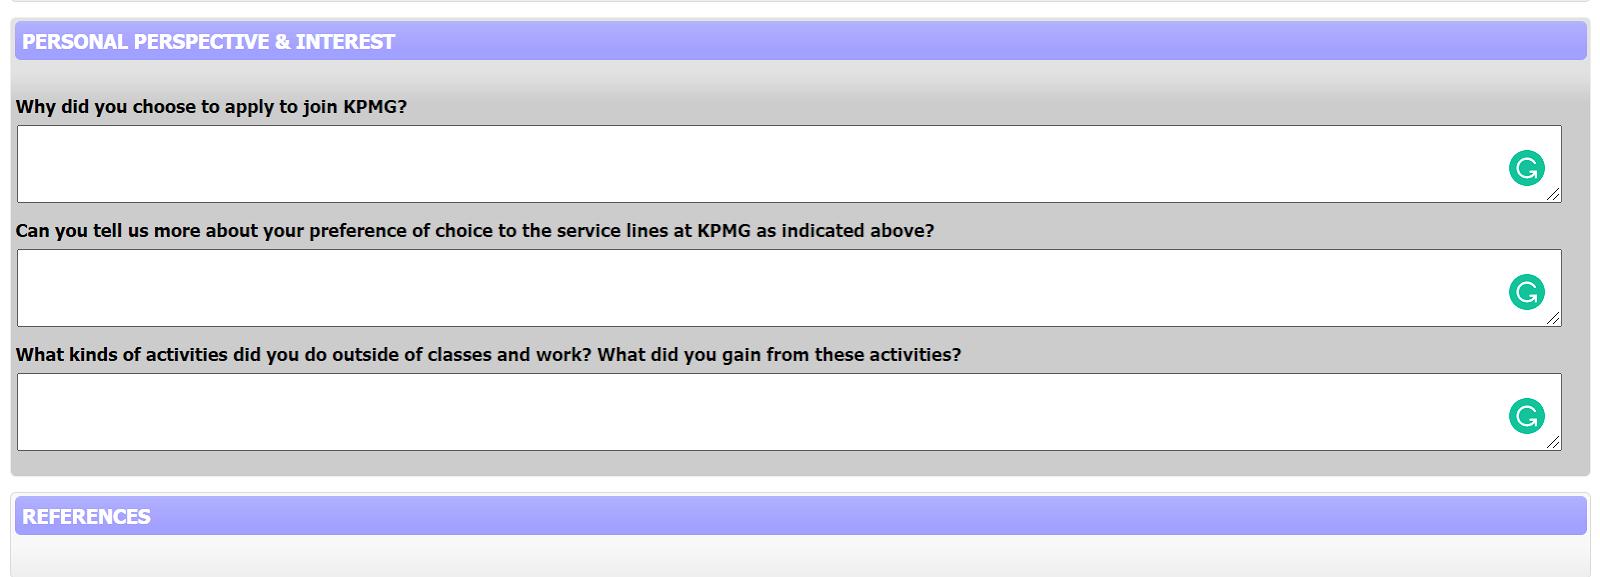 B3- Tại sao bạn ứng tuyển KPMG